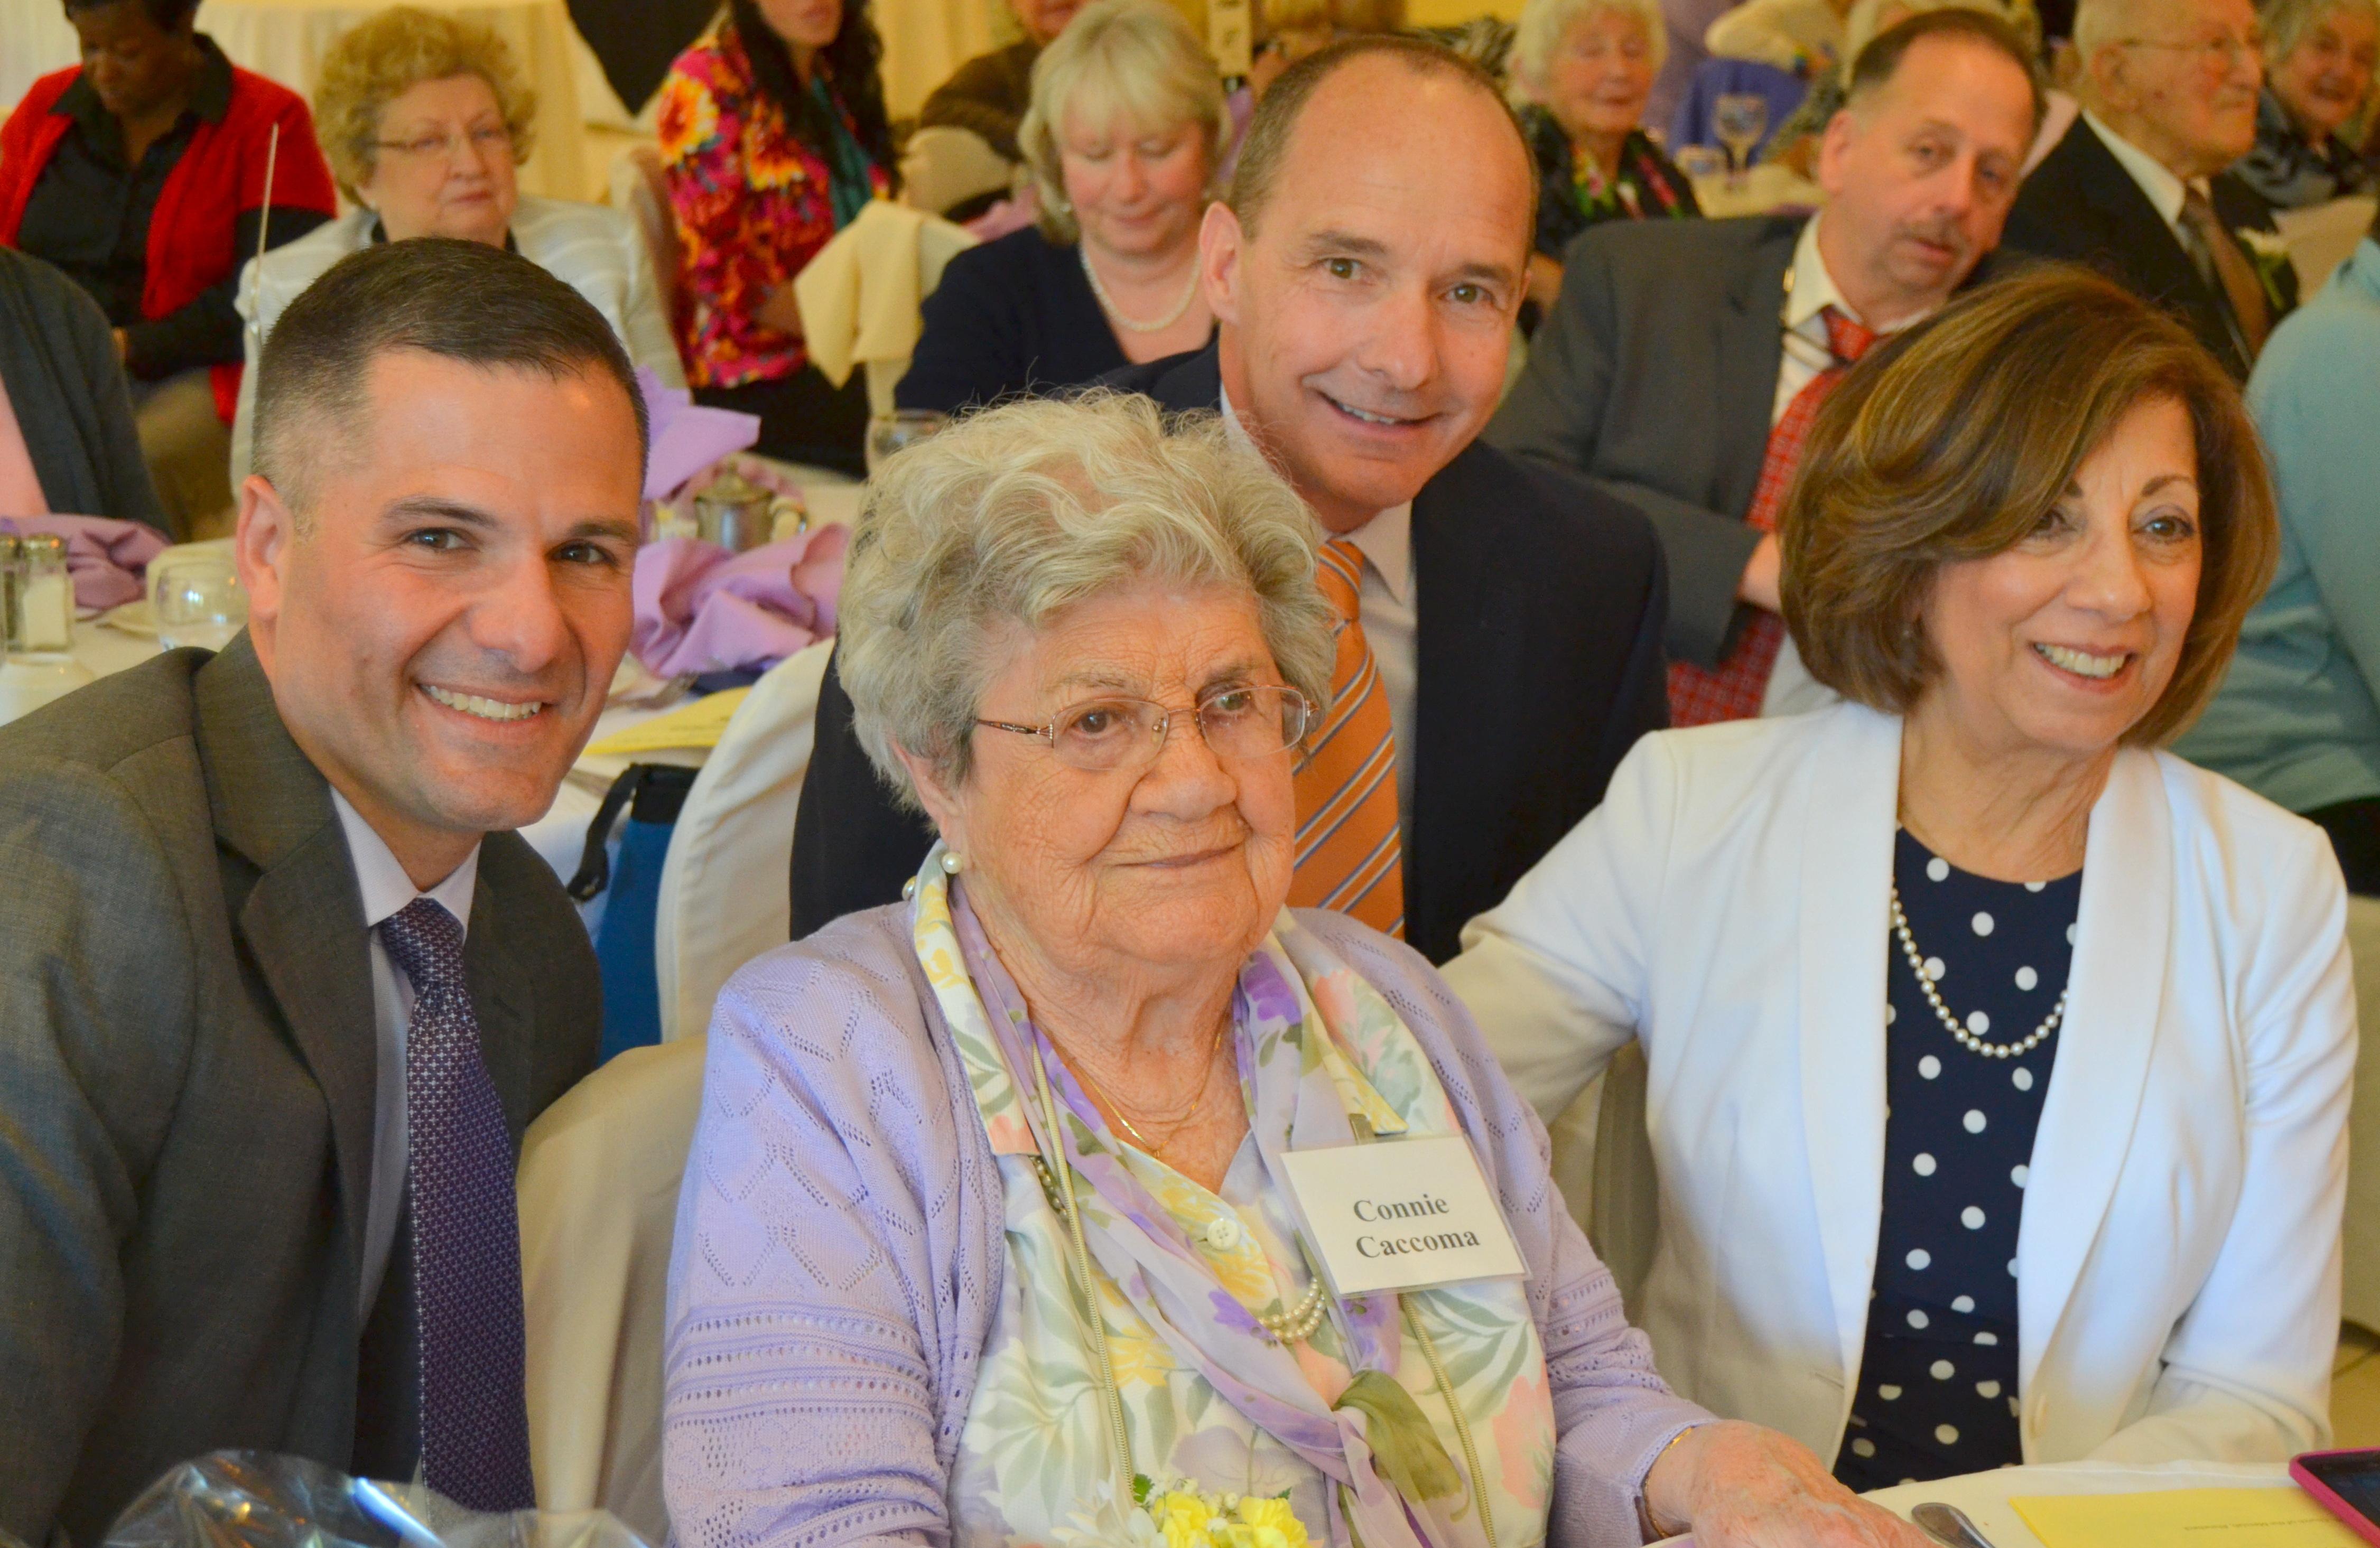 Connie Caccoma (101)